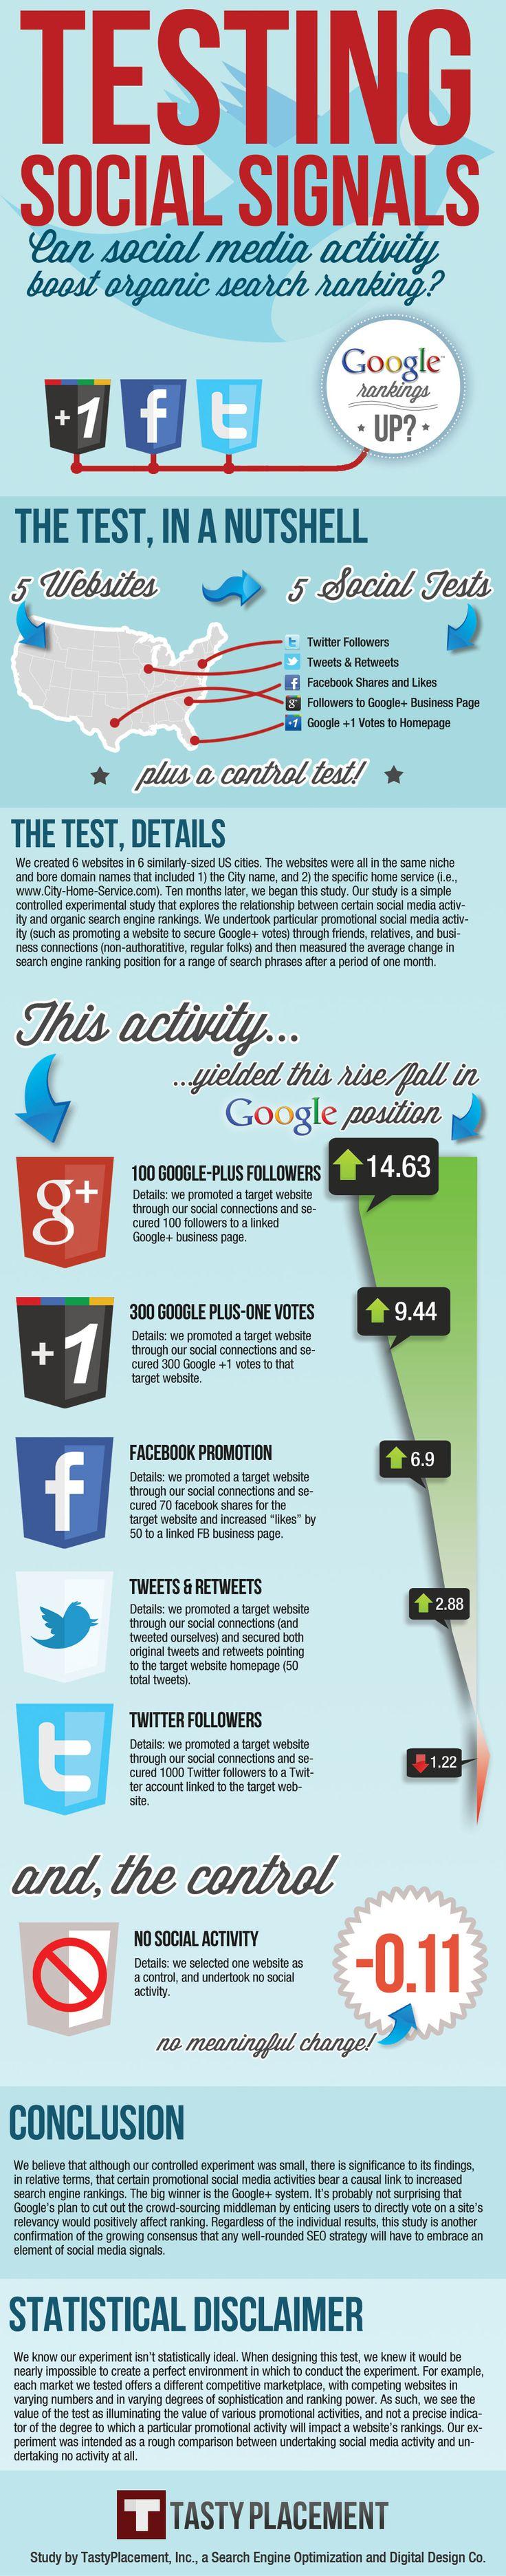 El social media y el SEO la pregunta es, pueden las redes social aumentar los resultados de búsqueda? la respuesta es si, visite nuestro artículo relacionado en dweb3d.com http://www.dweb3d.com/blog/blogs/diseno-web-y-posicionamiento-seo/147-seo-y-social-media-colombia.html